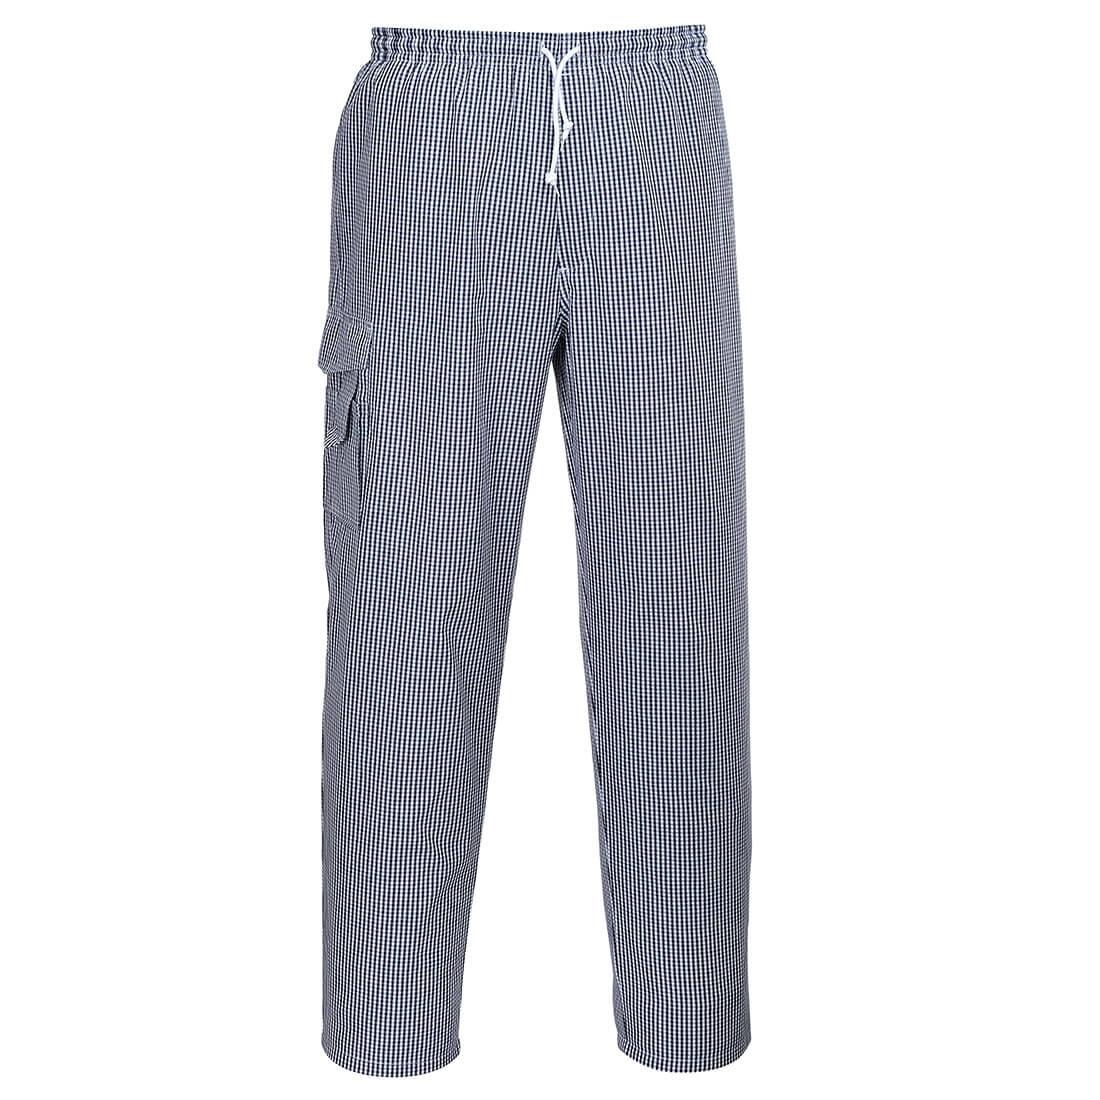 Pantalon Bucatar Chester - Imbracaminte de protectie